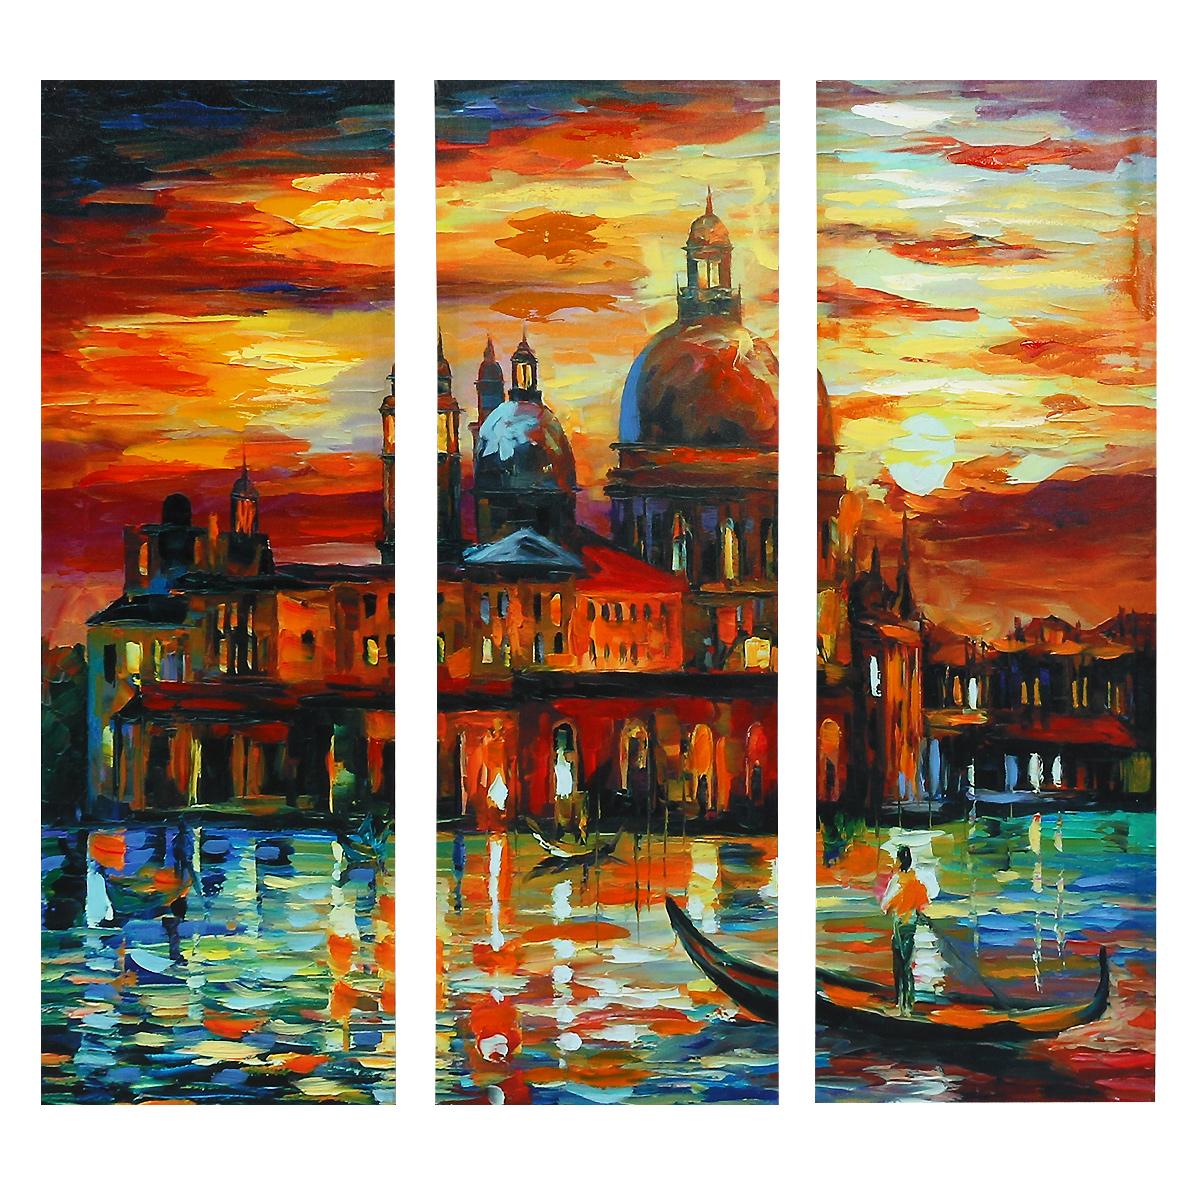 Картина-репродукция без рамки Венеция, 78 см х 80 см х 2,5 см. 3602936029Картина-репродукция без рамки Венеция выполнена из натуральной древесины. Техника выполнения - масляная печать на холсте с ручной подрисовкой. Картина состоит из трех частей с красочным изображением каналов Венеции на фоне площади Сан-Марко. Такая картина - вдохновляющее декоративное решение, привносящее в интерьер нотки творчества и изысканности! Благодаря оригинальному дизайну картина дополнит интерьер любого помещения, а также сможет стать изысканным подарком для ваших друзей и близких.